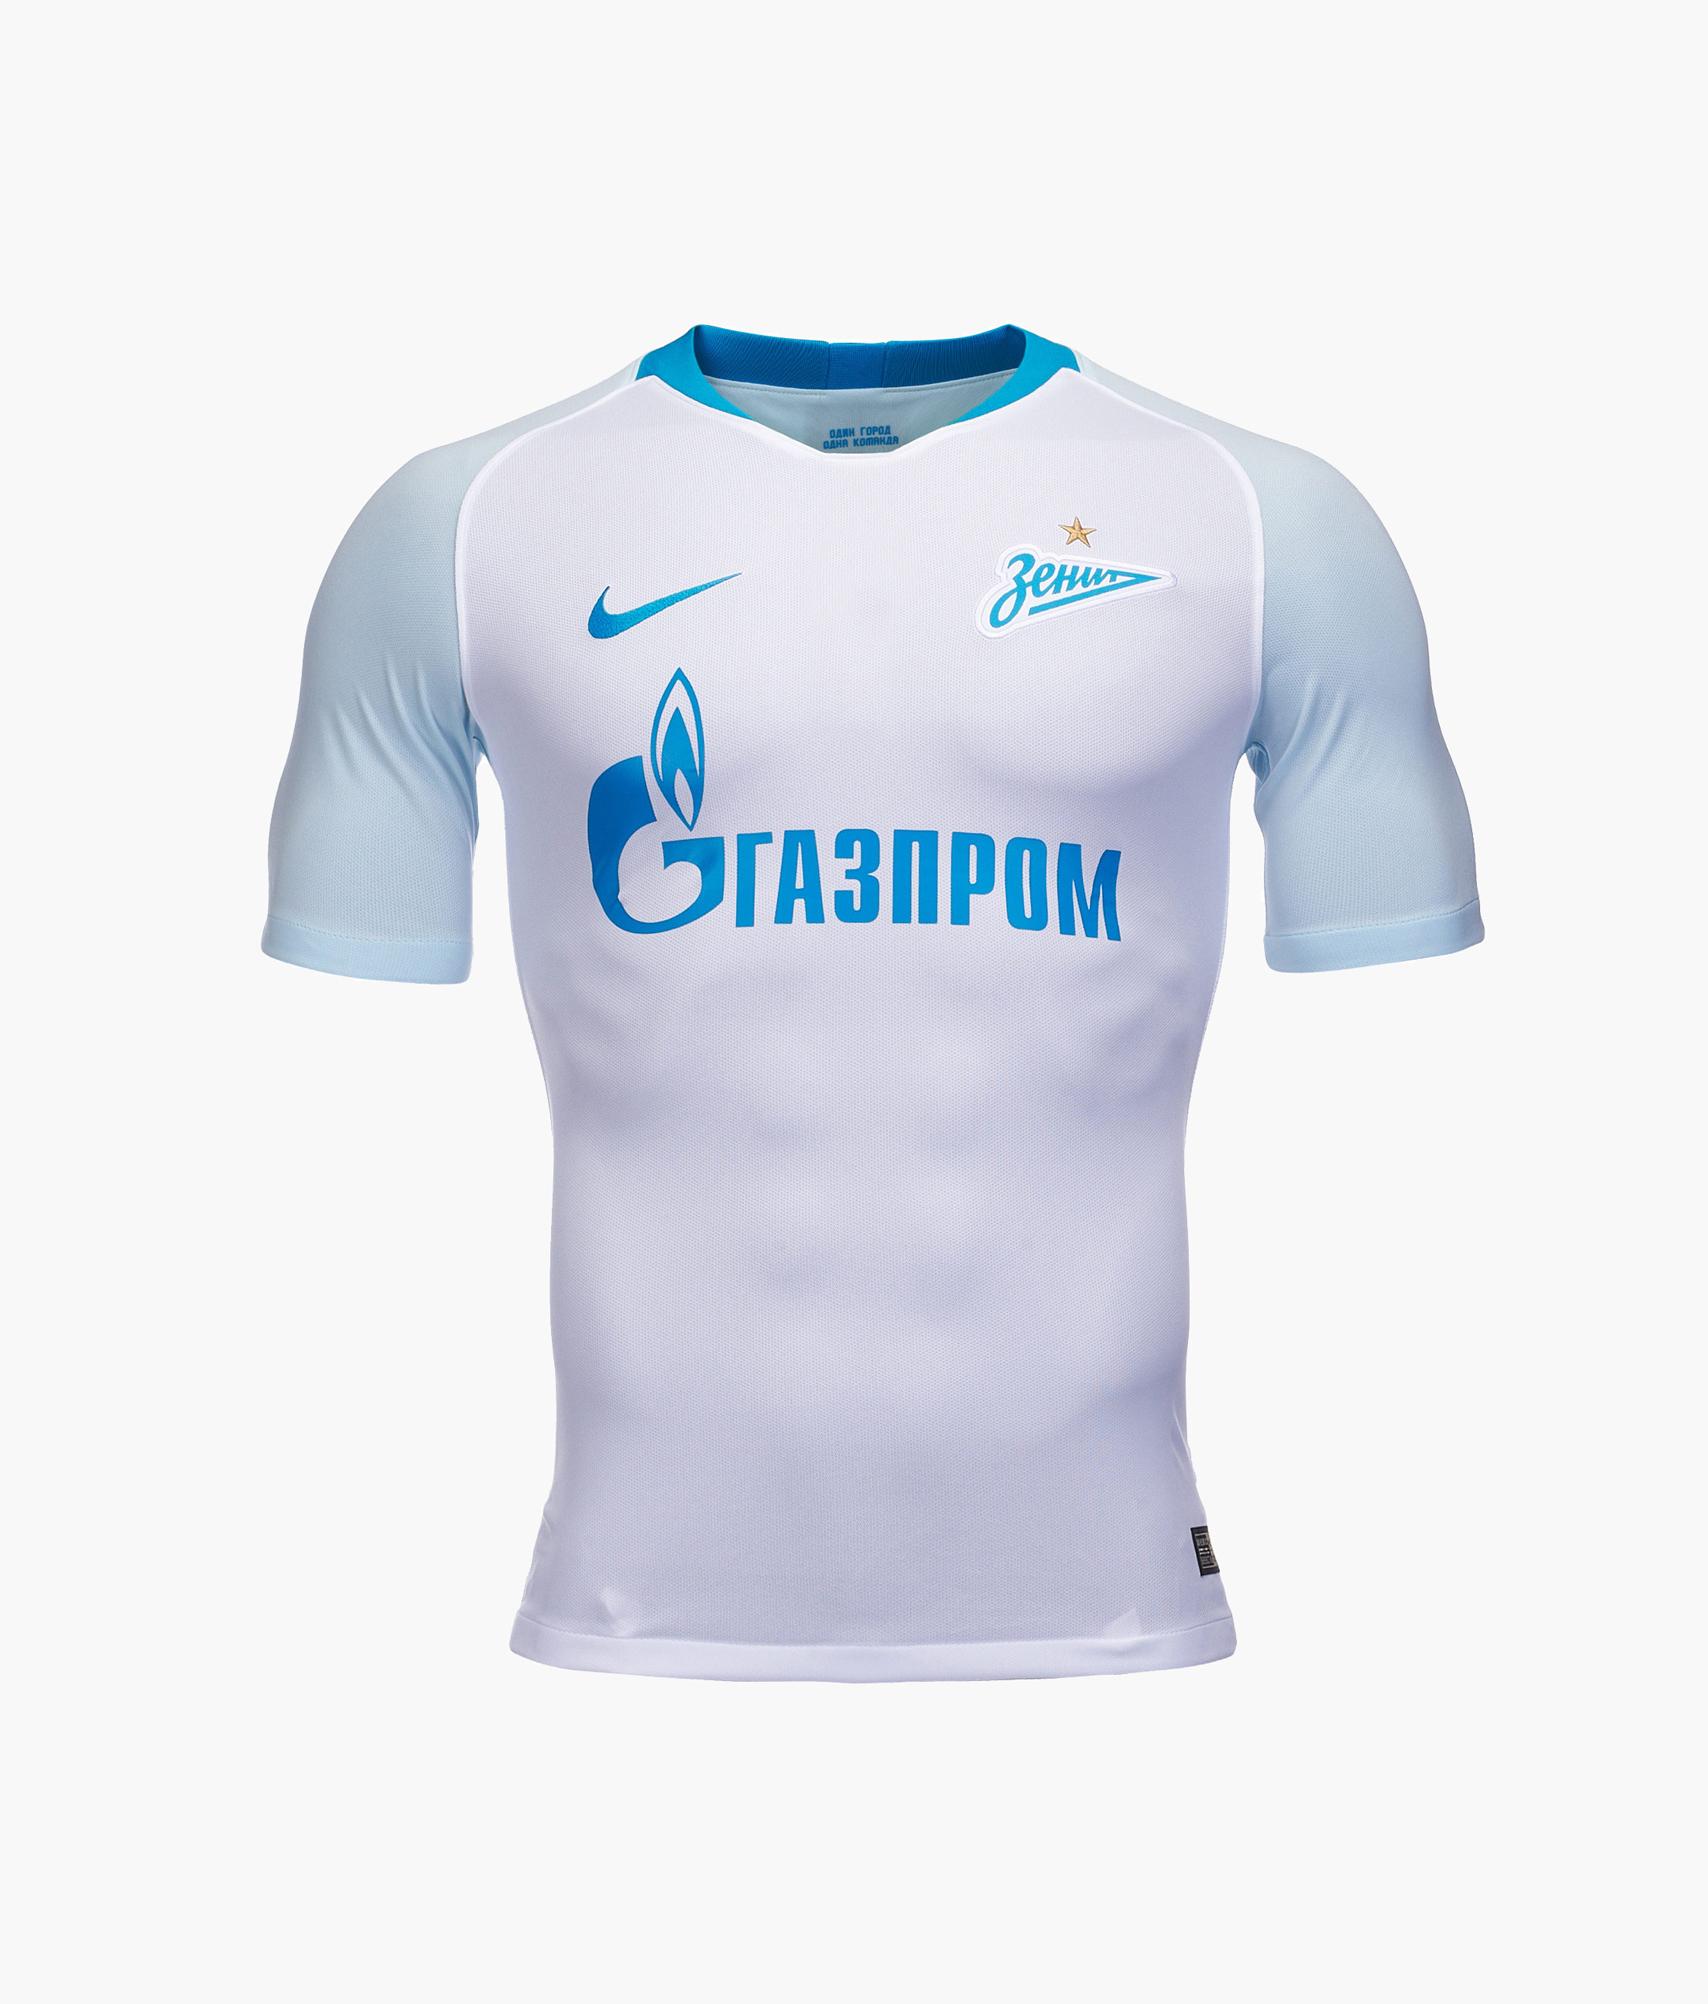 Оригинальная выездная футболка Nike сезона 2018/19 Nike Цвет-Белый реплика выездной игровой футболки nike 2018 19 nike цвет белый